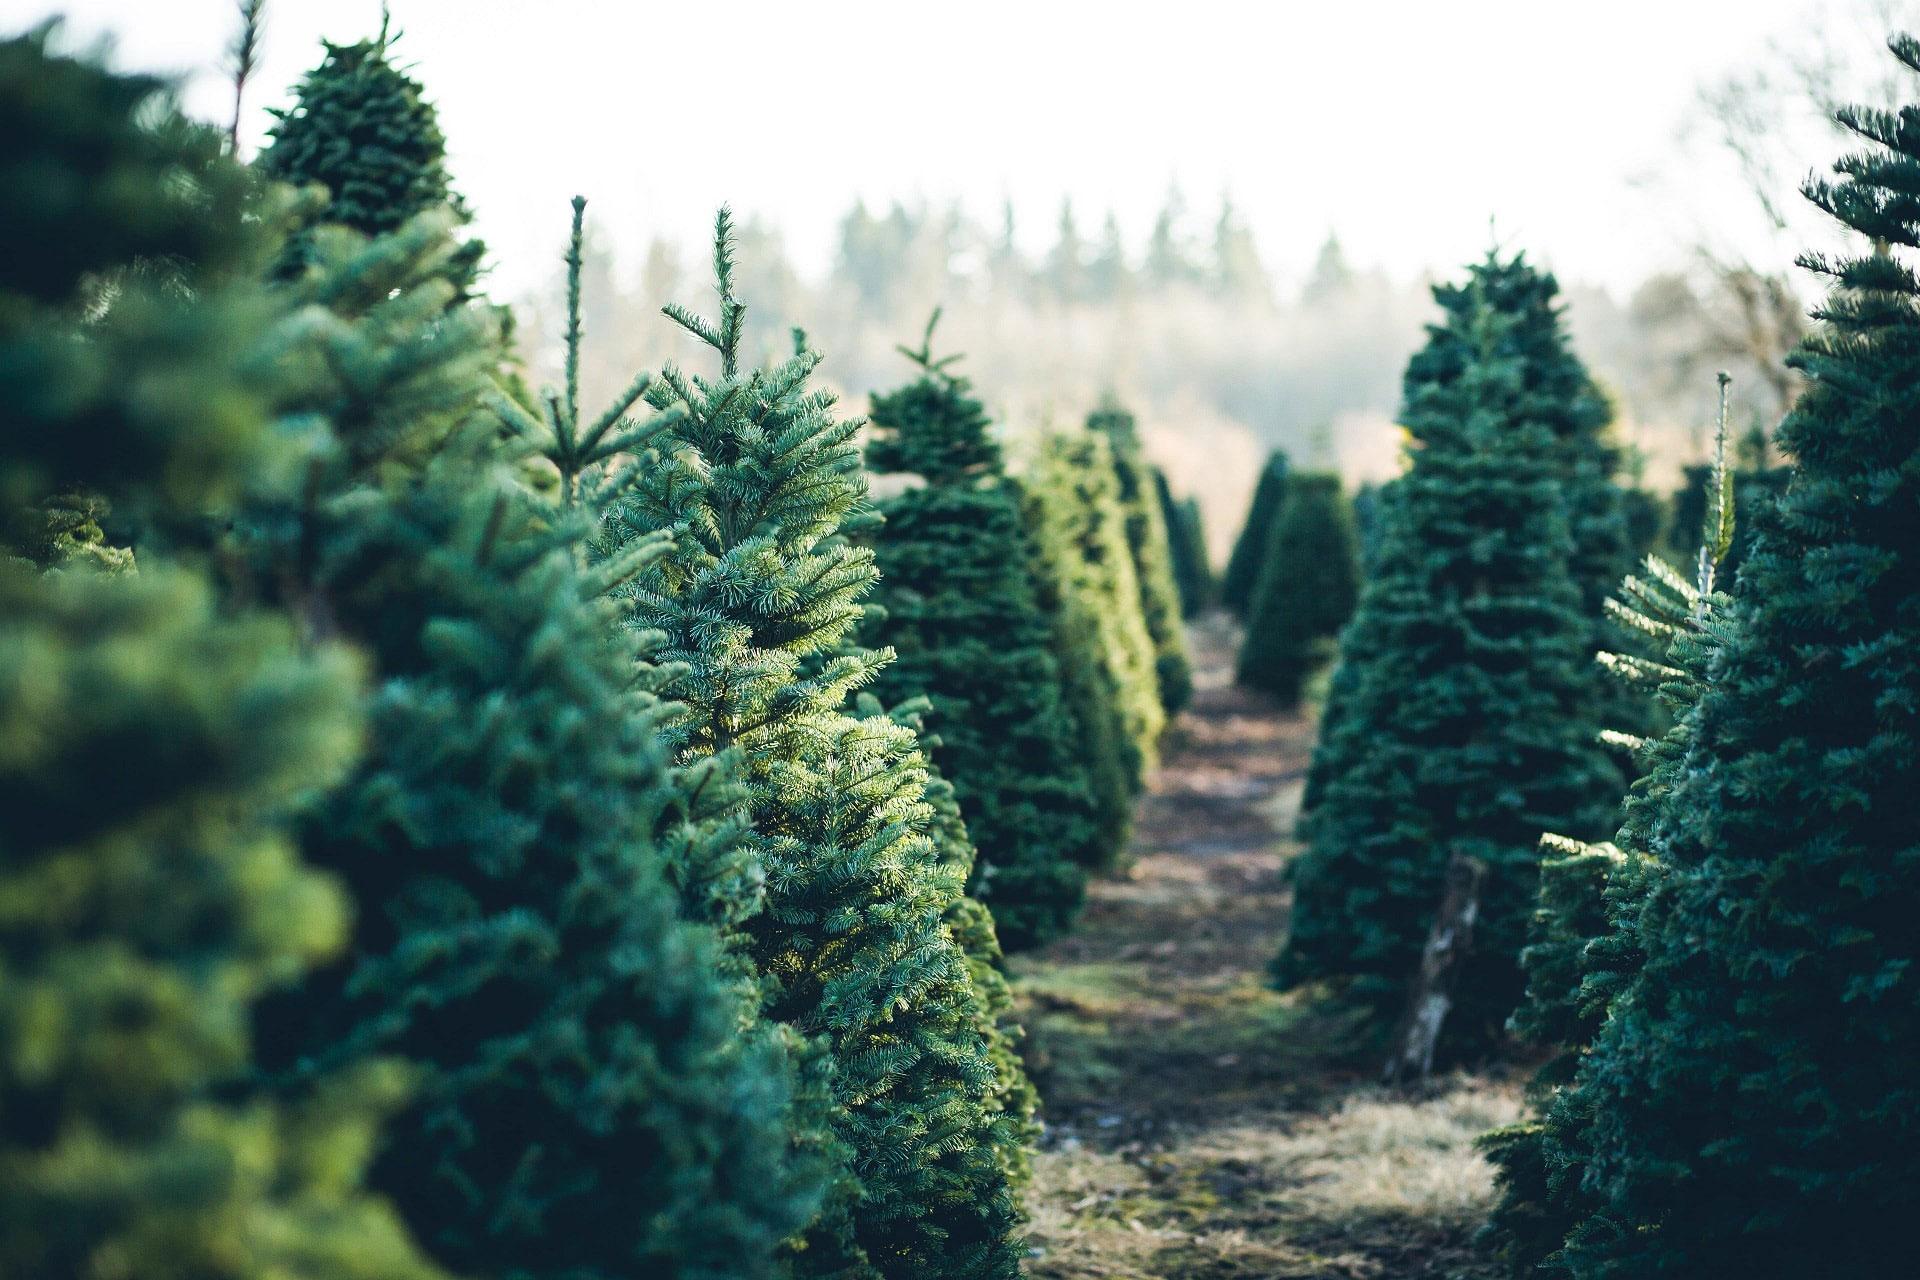 Öko Weihnachstbaum für nachhaltige Weihnachten